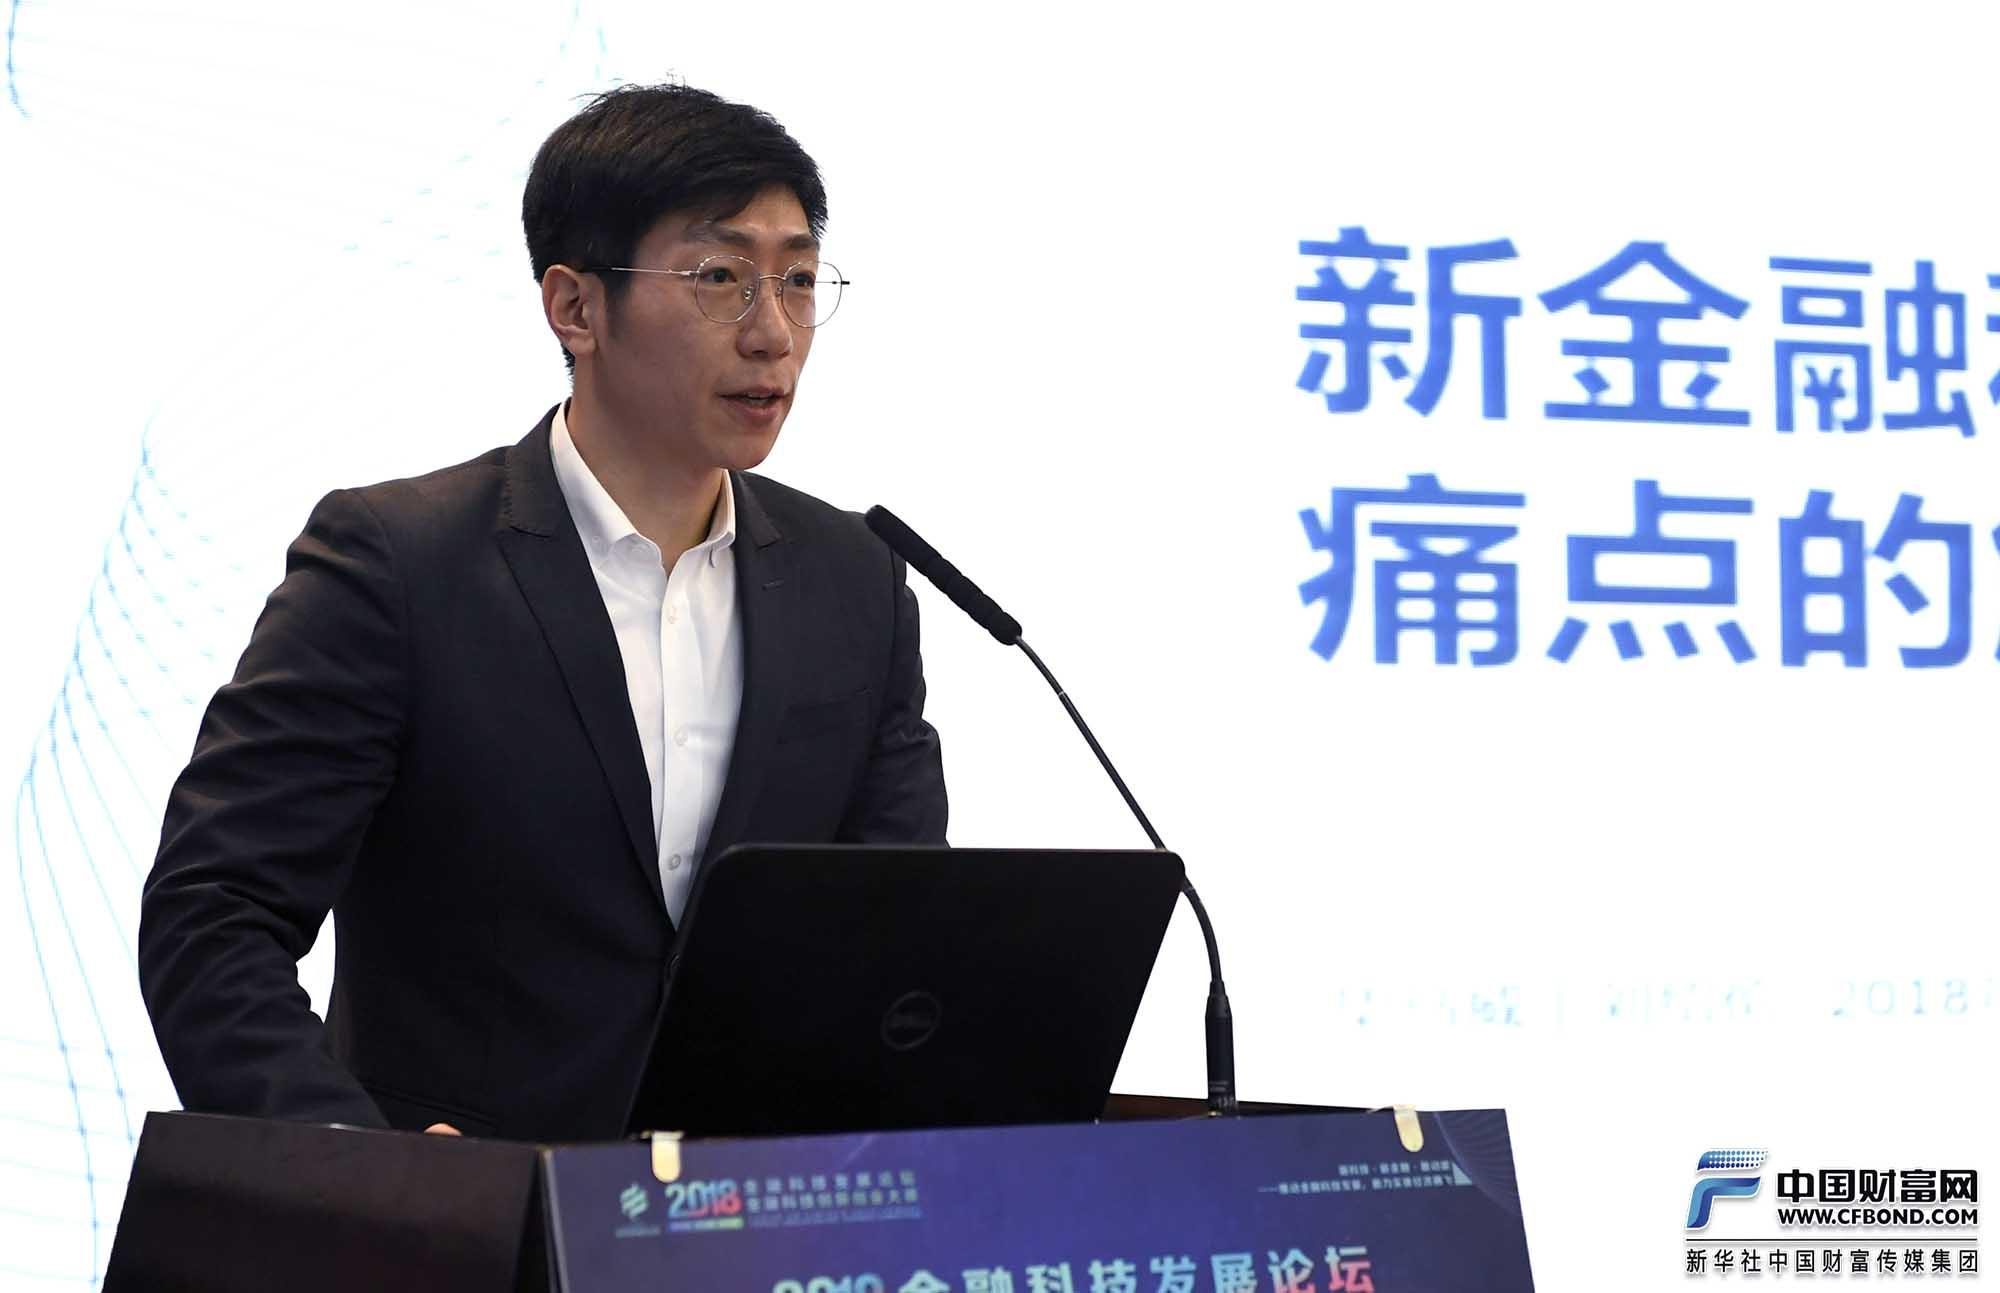 毕马威金融服务行业咨询总监刘绍伦发言